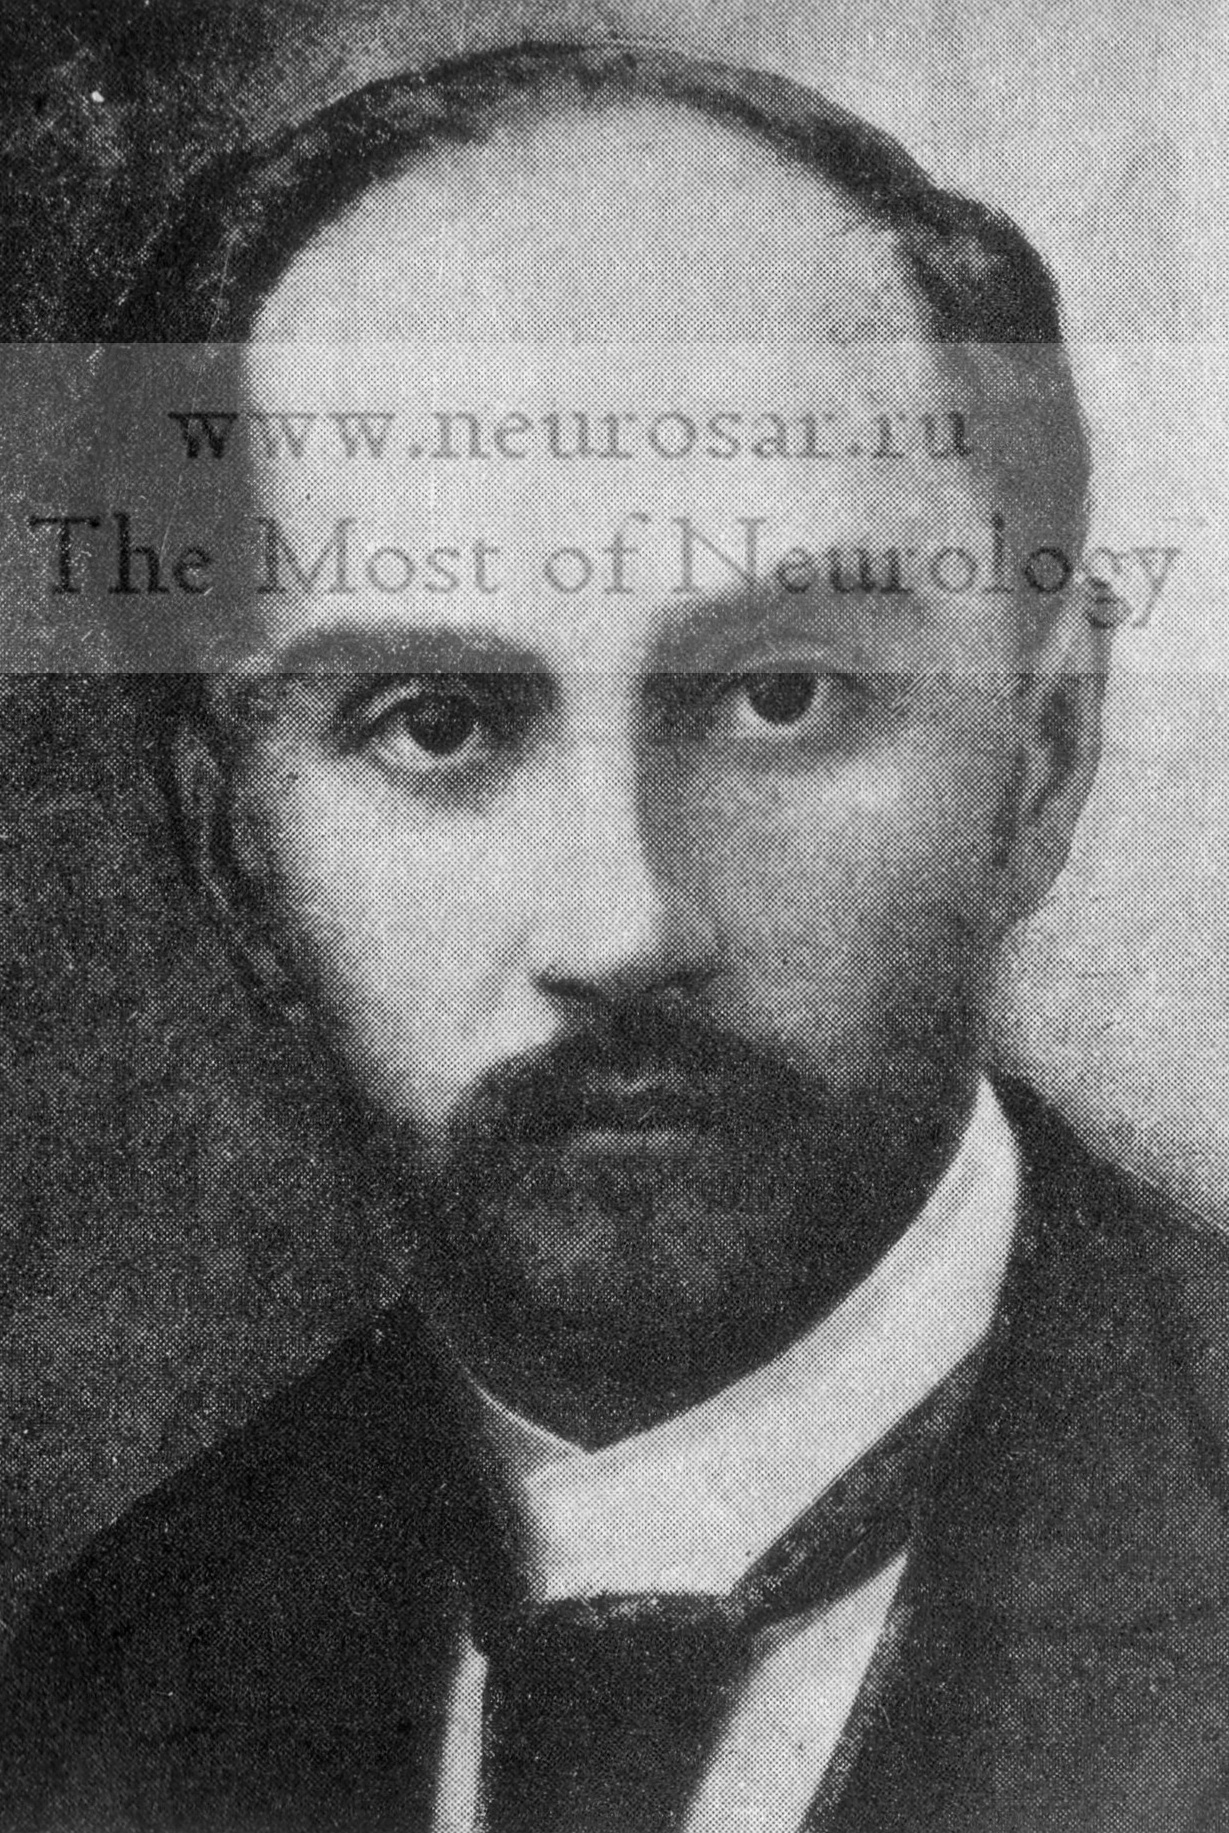 Preobrazhenskiy_Pyotr Alekseevich (1864-1913)